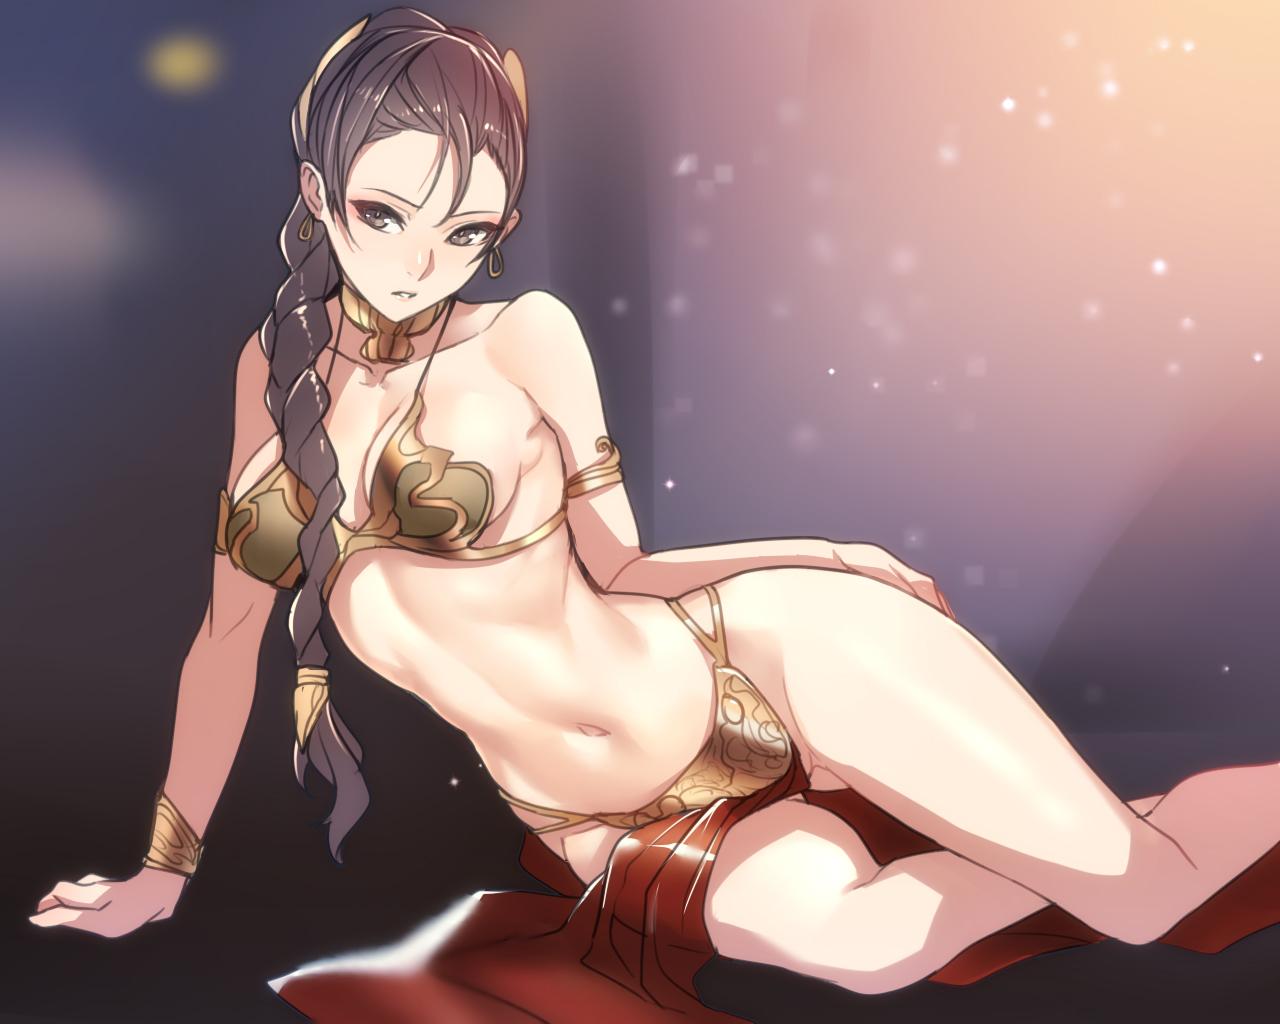 Naked pictures Anime bikini girl